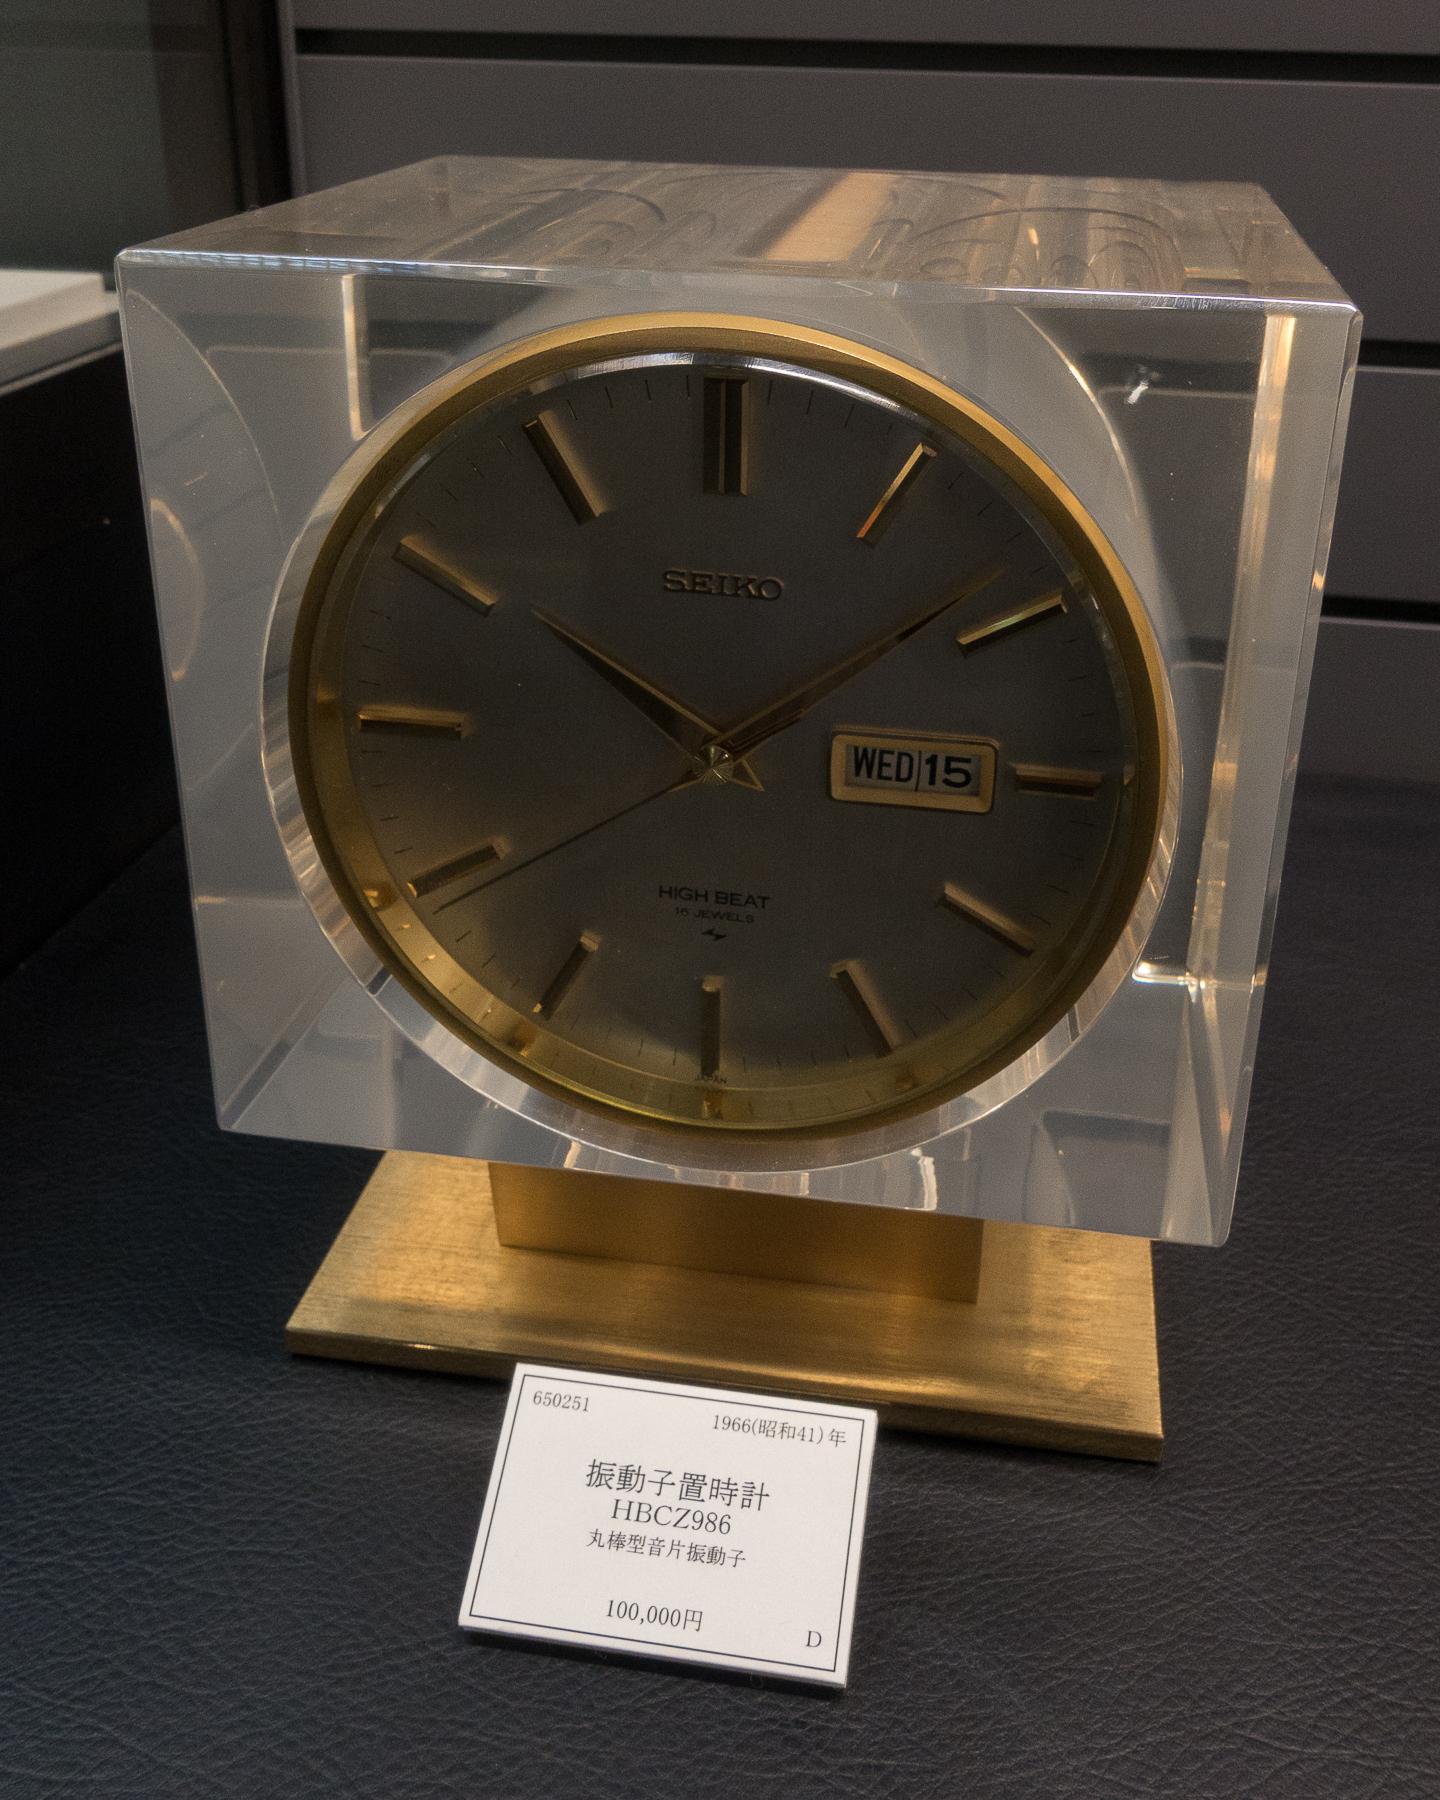 High Beat Desk Clock